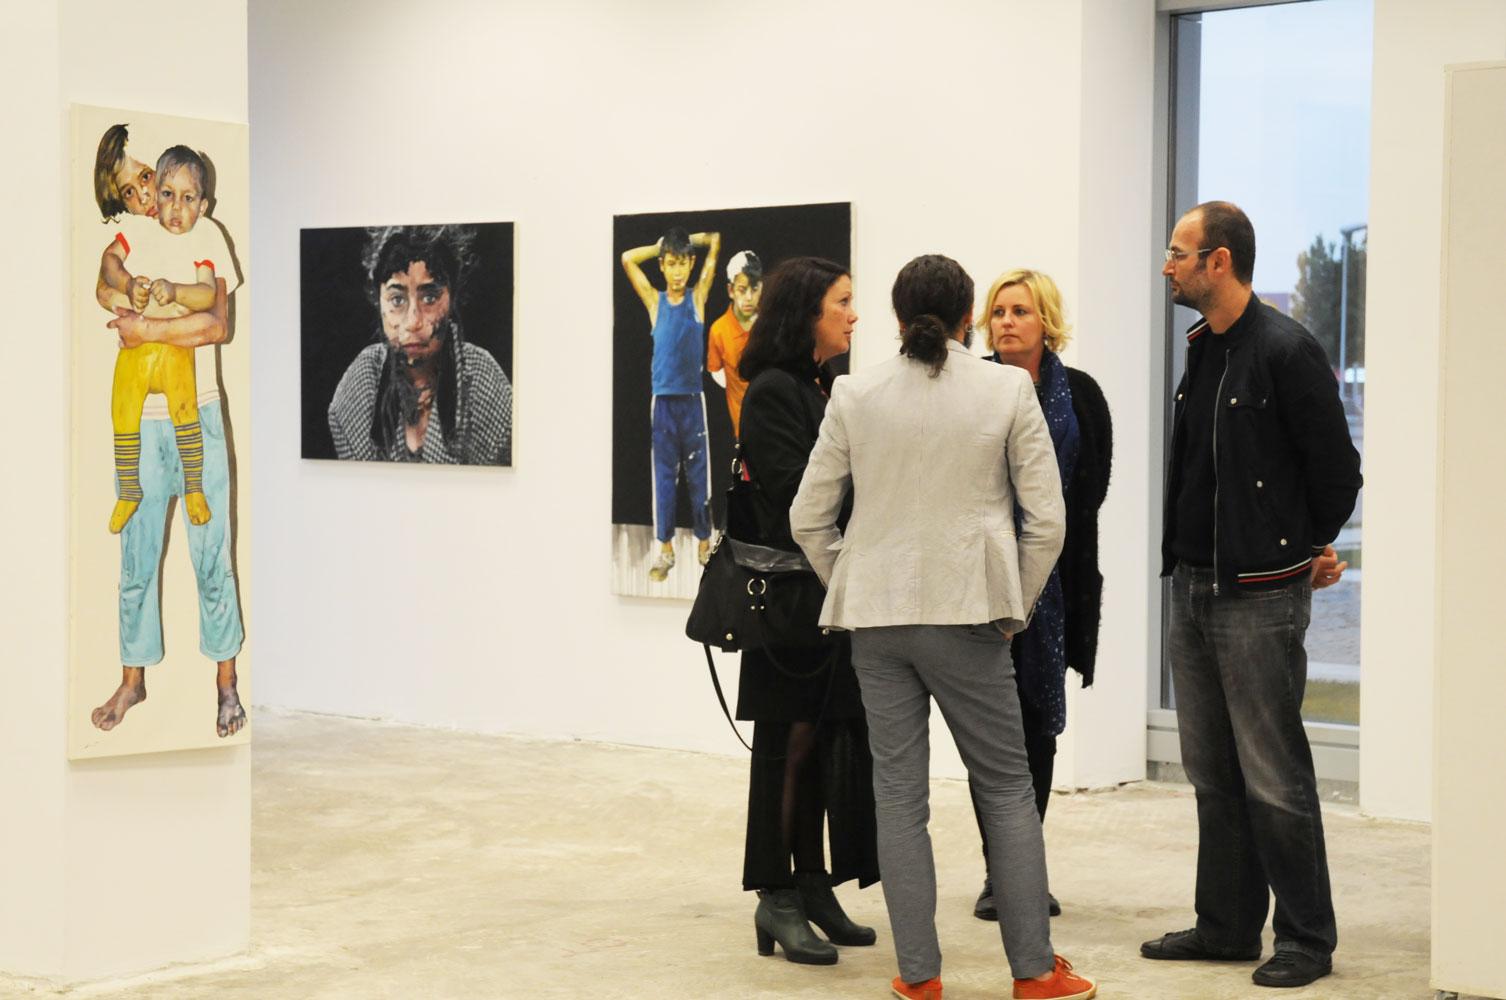 Daniel Brici, solo show Copiii care nu se vad @ Nasui collection & gallery Bucuresti (19)